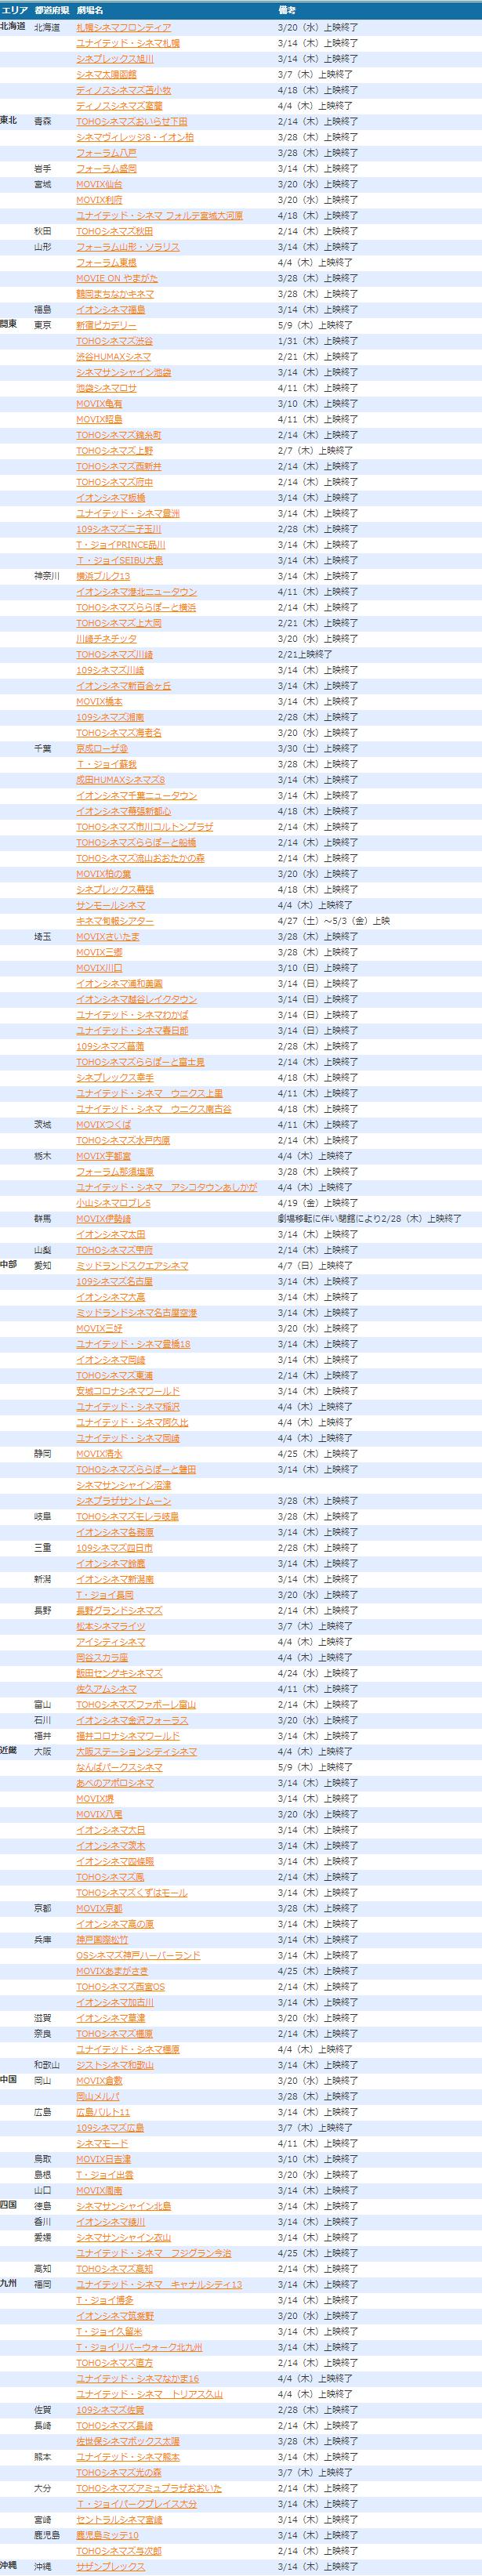 ラブライブ!サンシャイン!! Official Web Site ラブライブ!サンシャイン!! The School Idol Movie Over the Rainbow 上映館0523